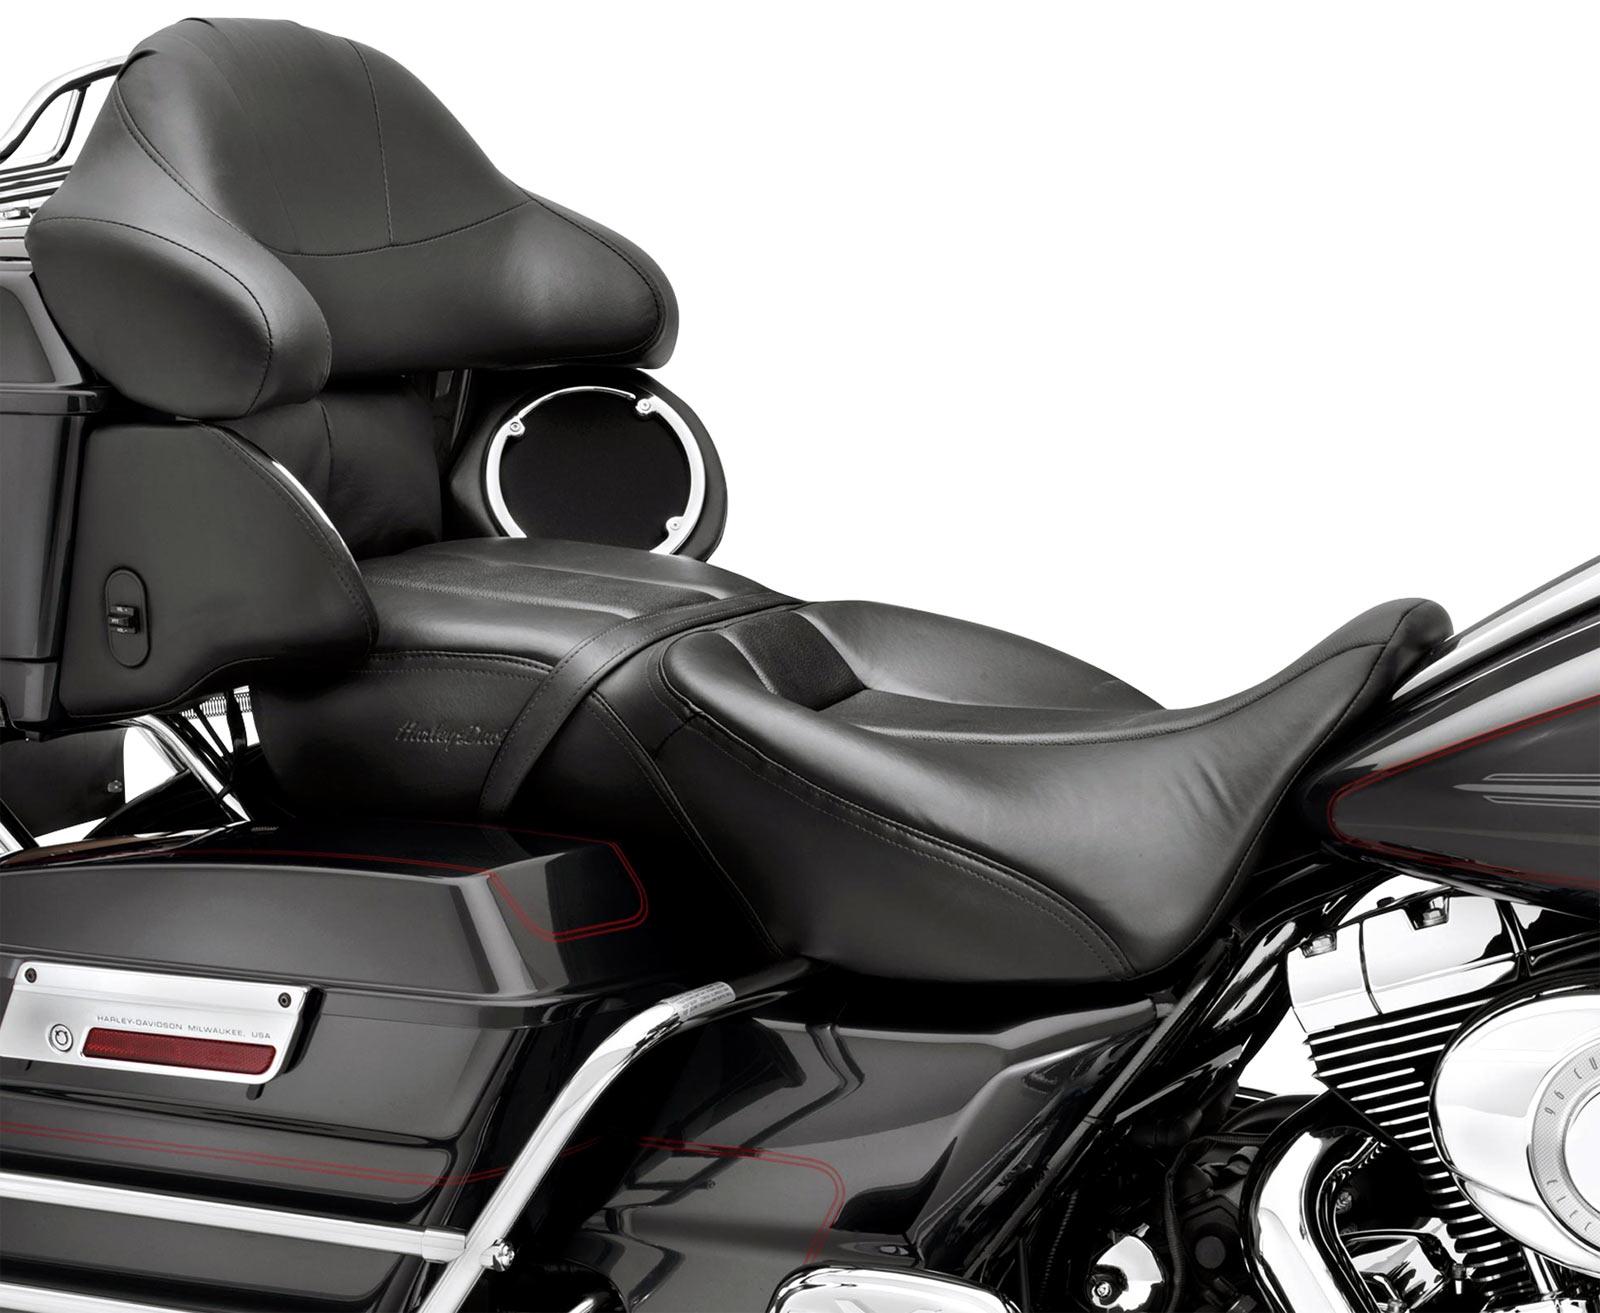 53051 09 Harley Hammock Rider Touring Seat At Thunderbike Shop